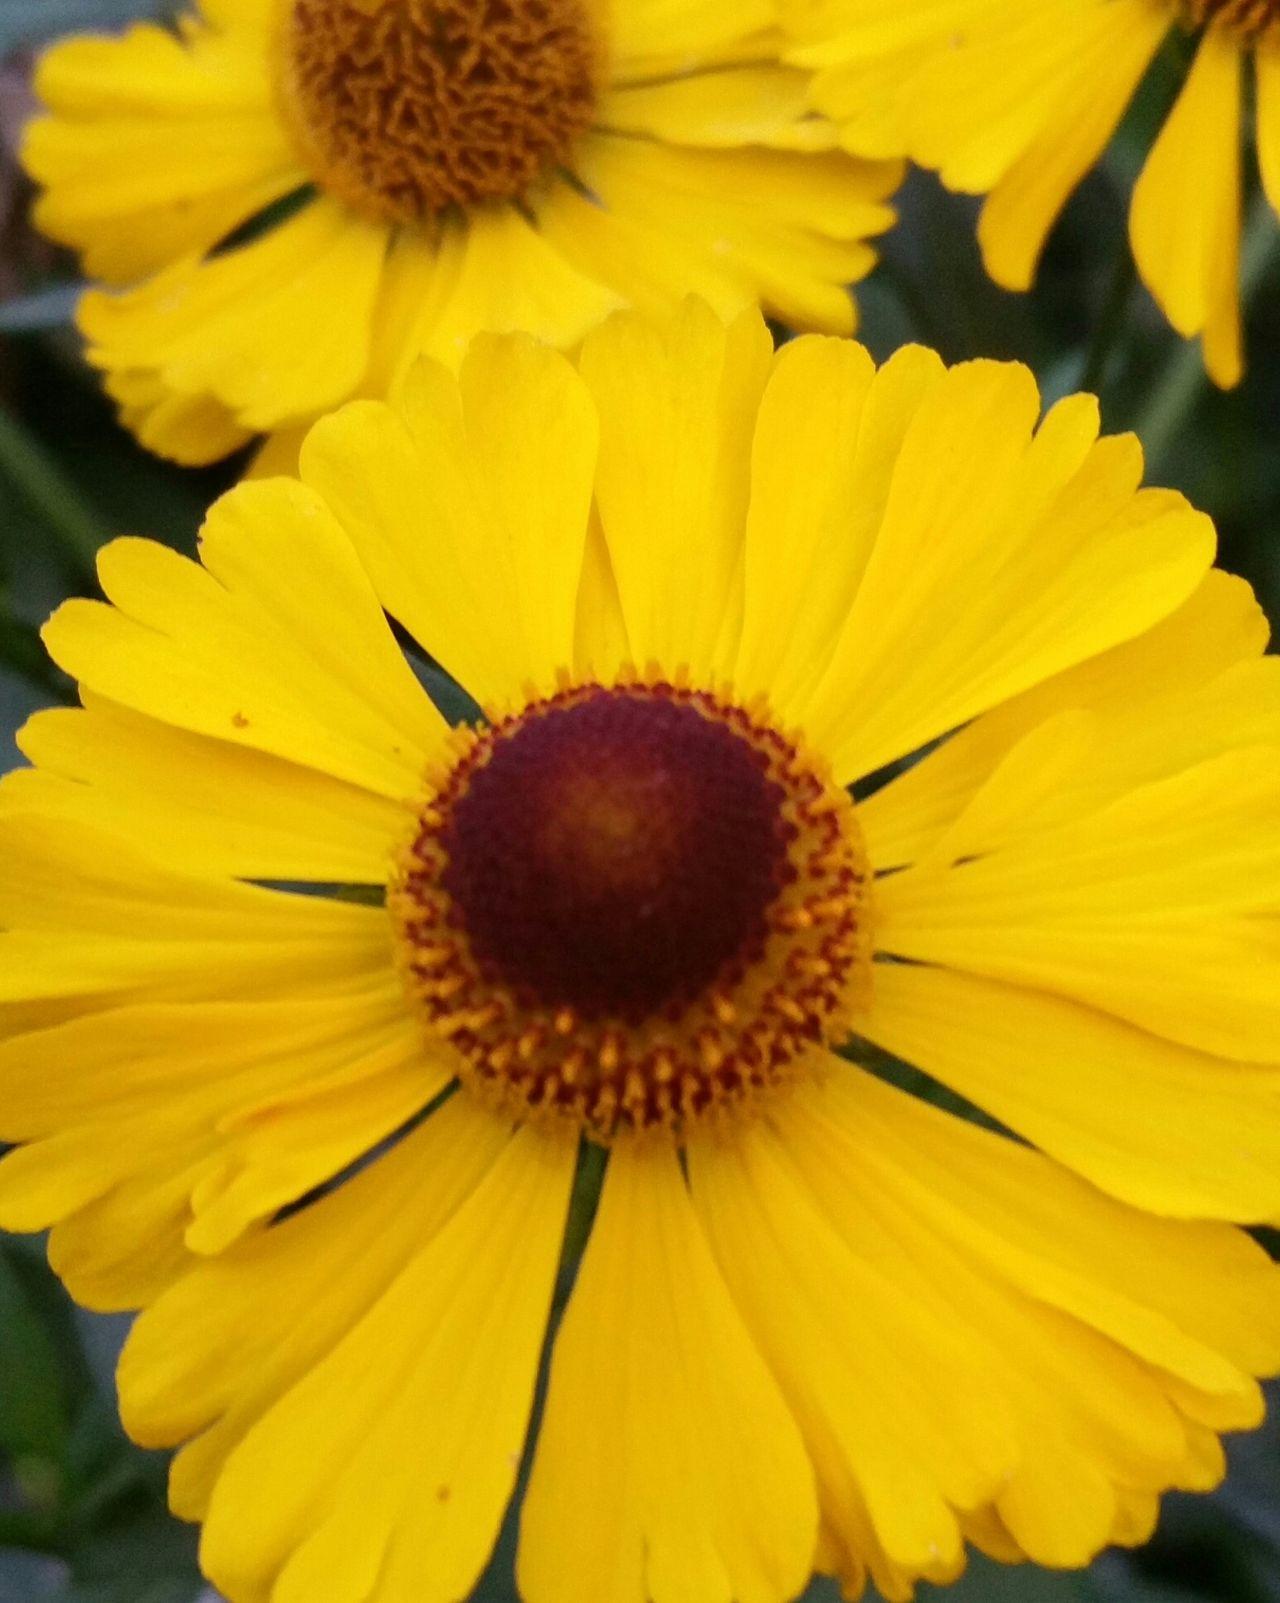 Sonnenhut Blumen Flowers Yellow Yellow Flowers Summertime InTheGarden Inmygarden Walking Around